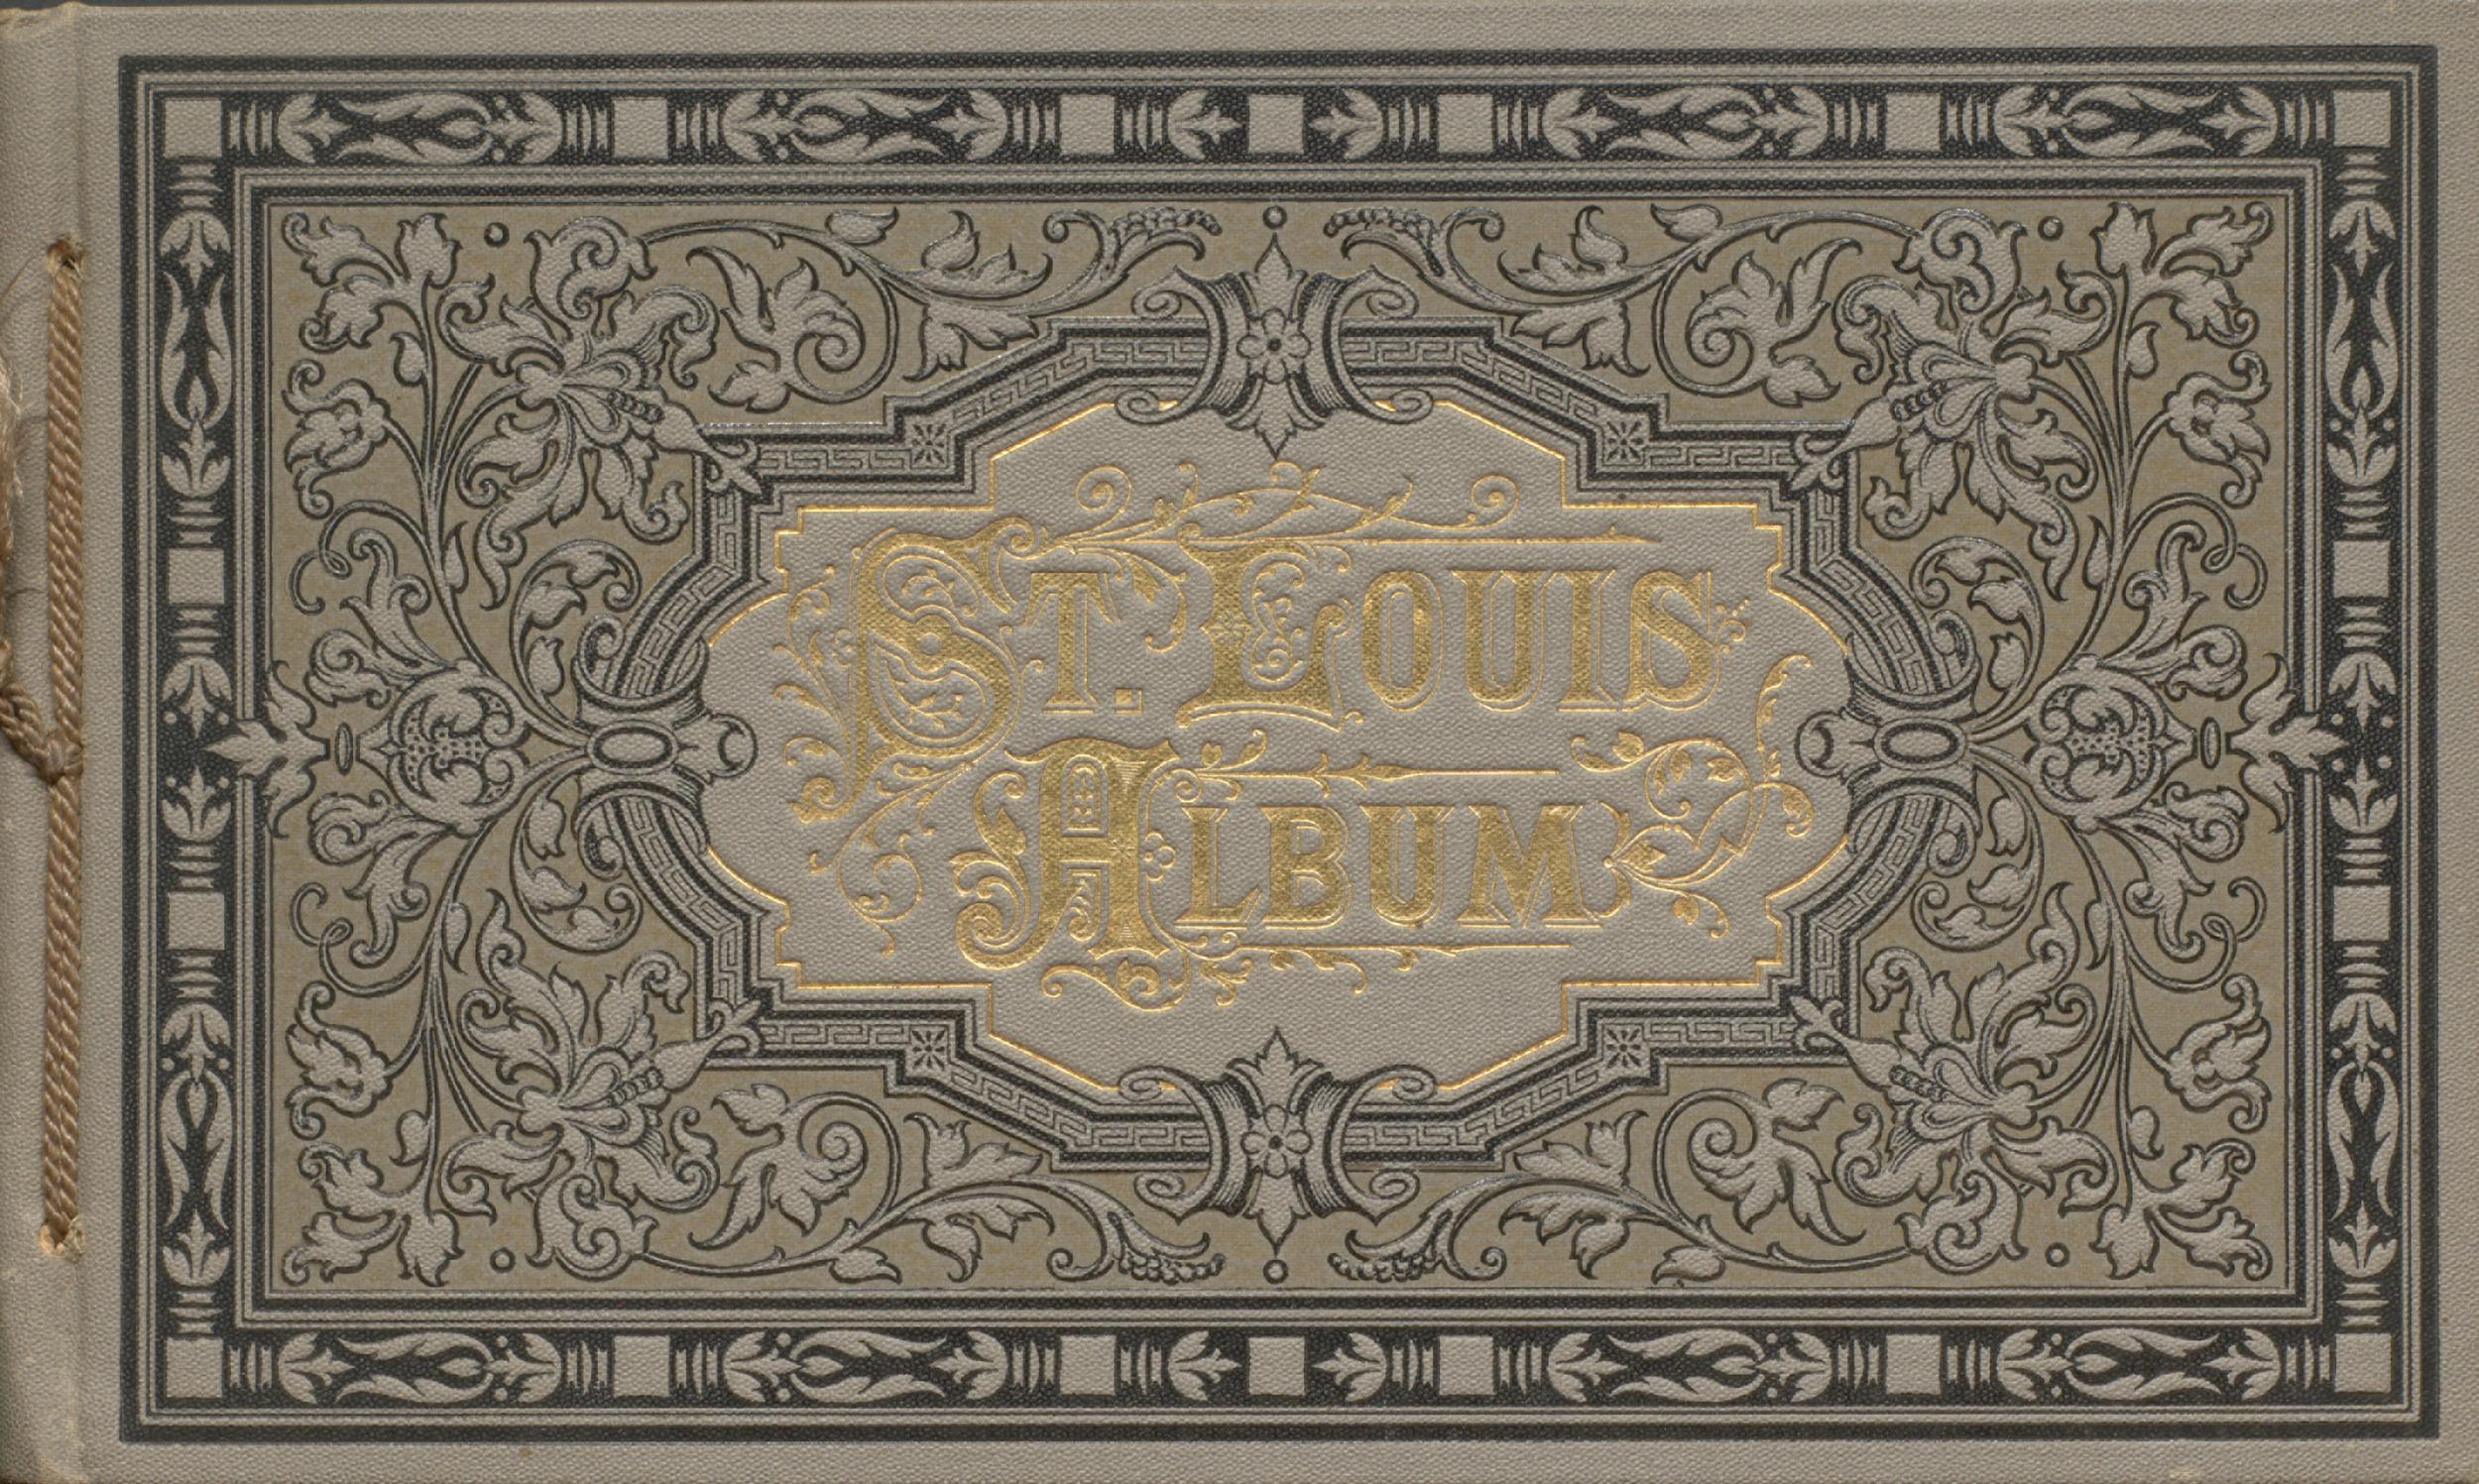 A Souvenir of St. Louis. Cover.